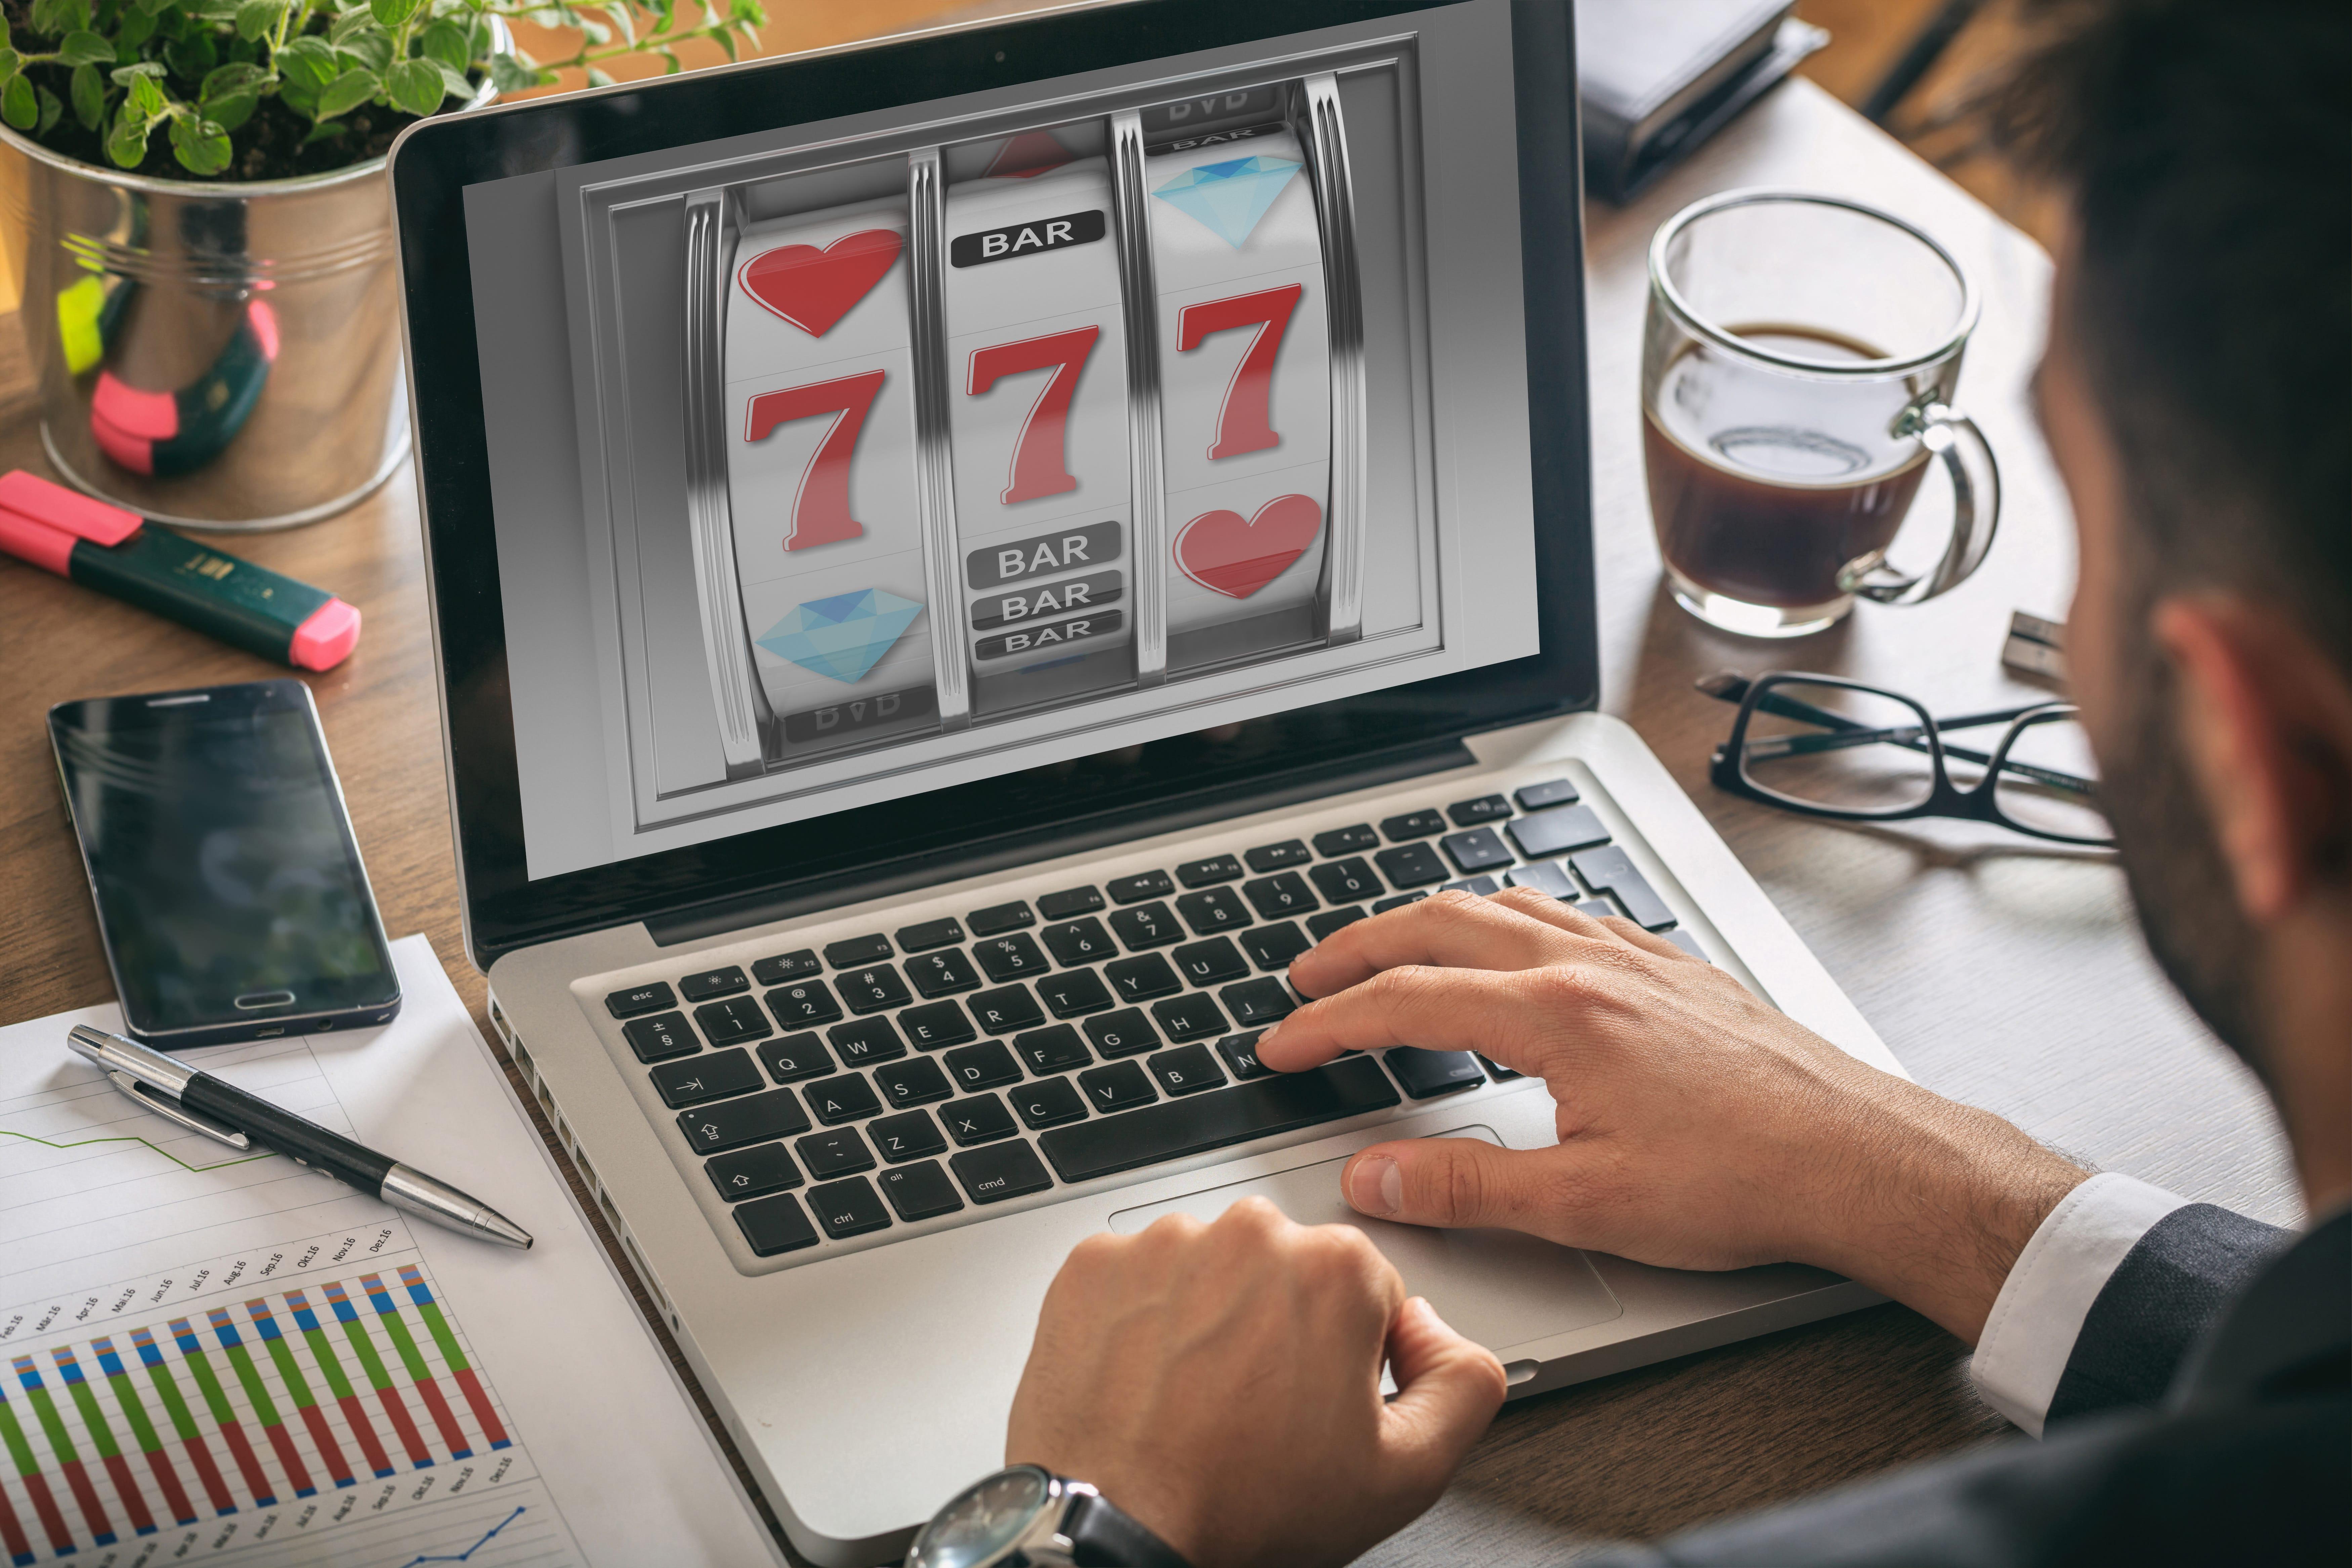 So erkennen Sie ein seriöses Online-Casino